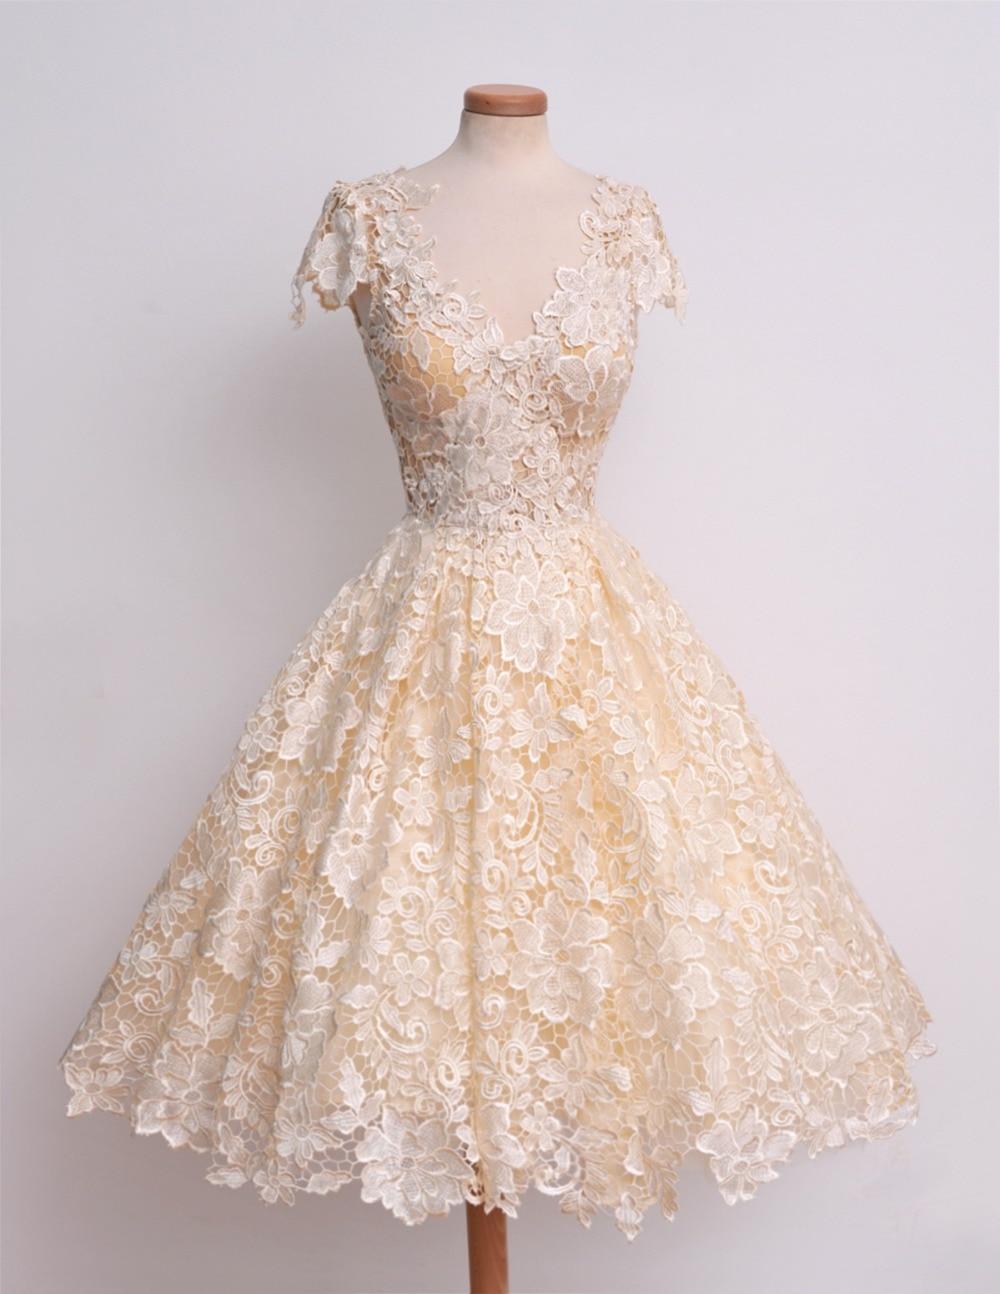 Groß Vintage Party Kleider Zum Verkauf Bilder - Hochzeit Kleid Stile ...